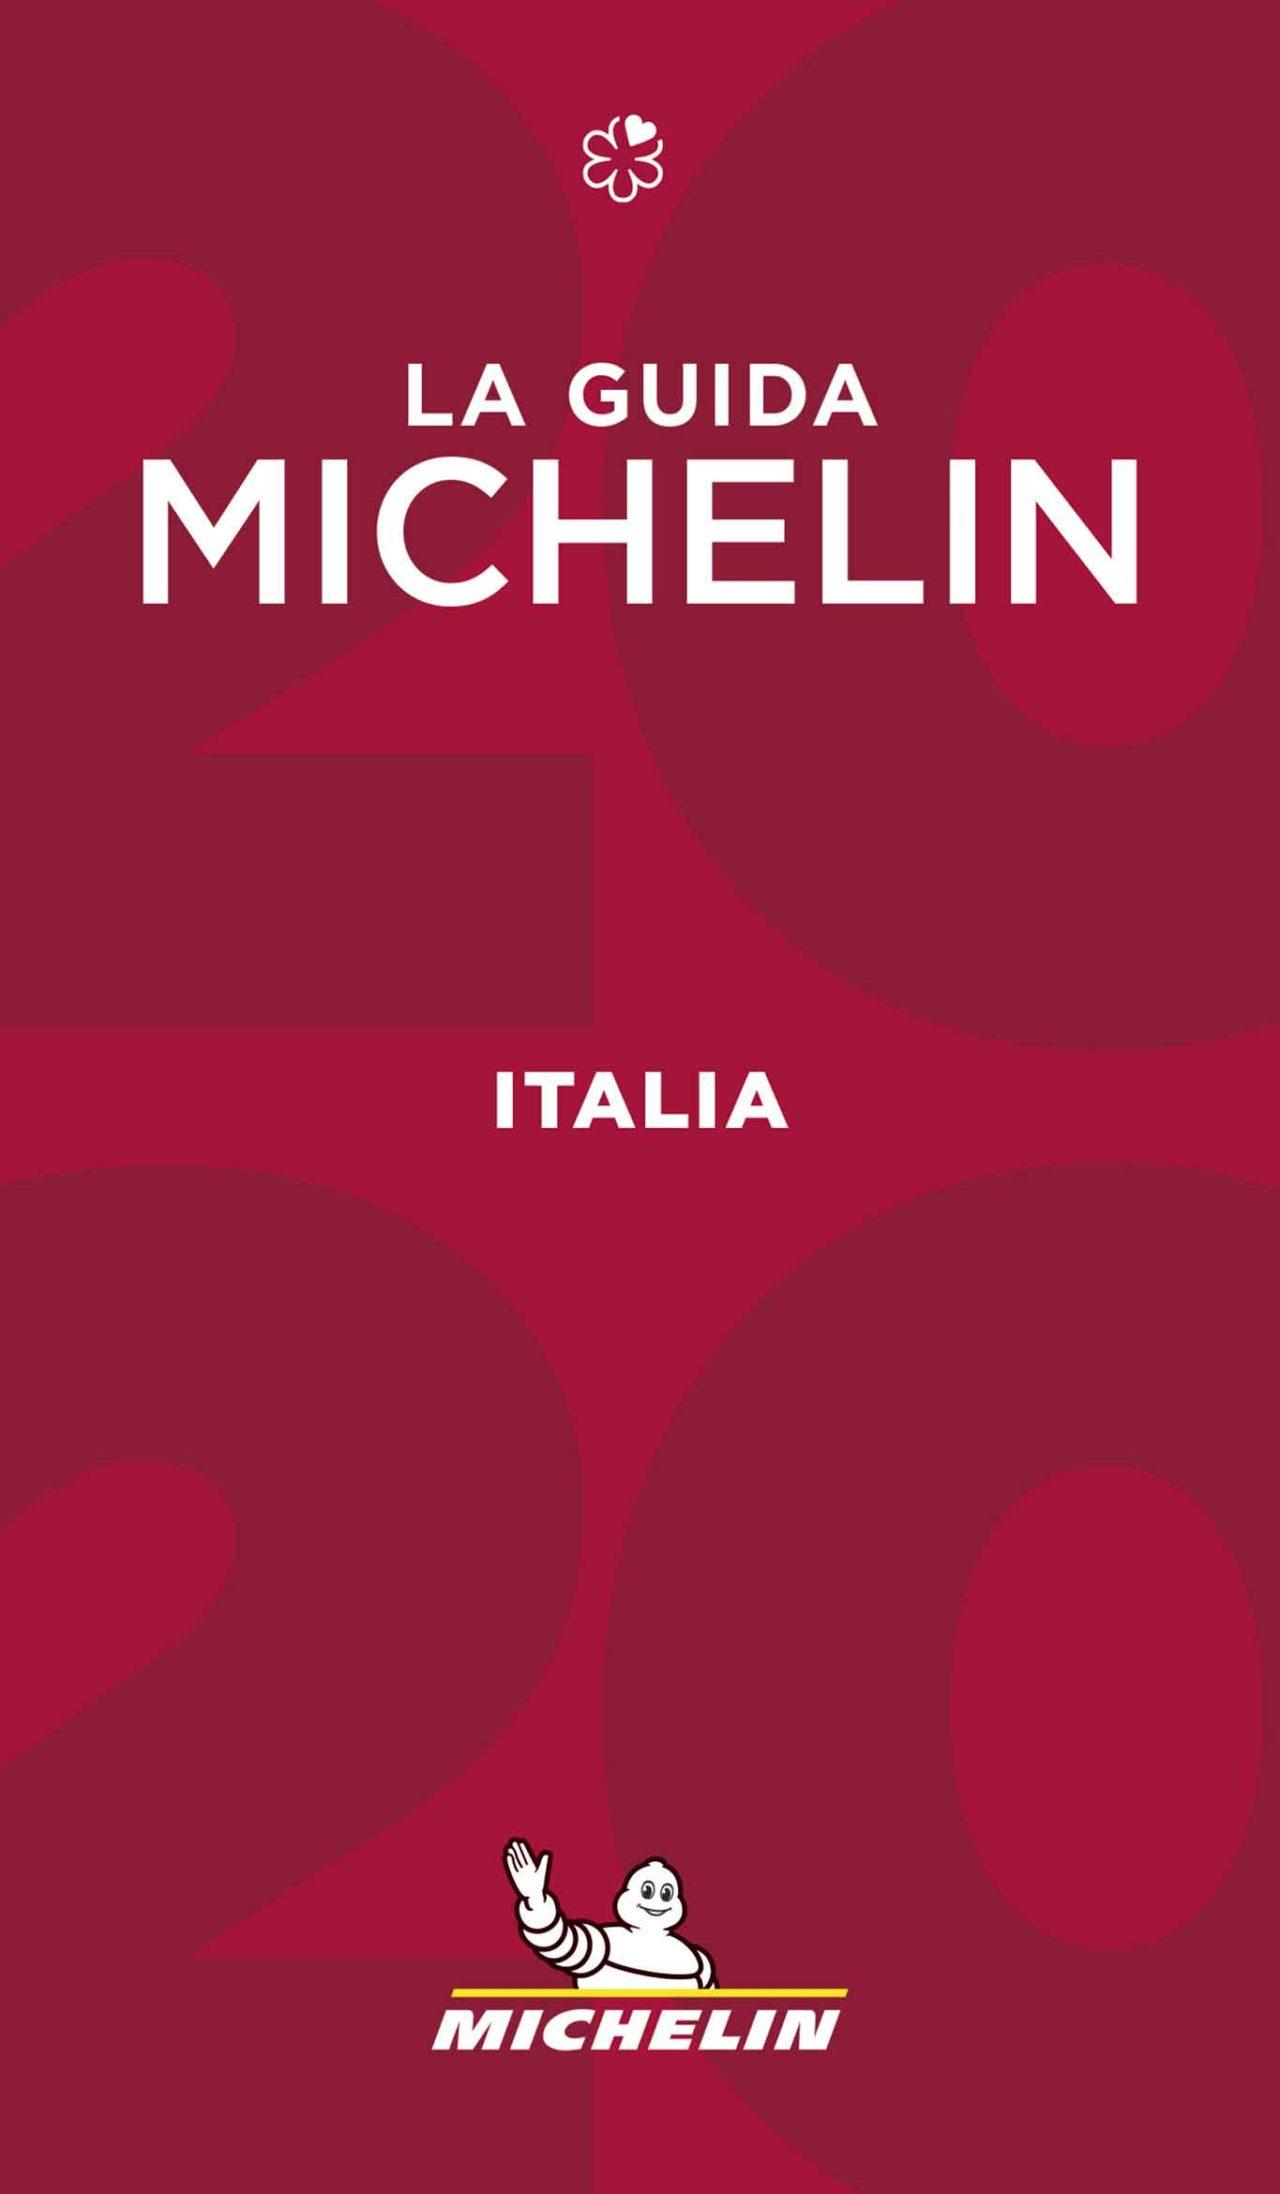 guida michelin 2021